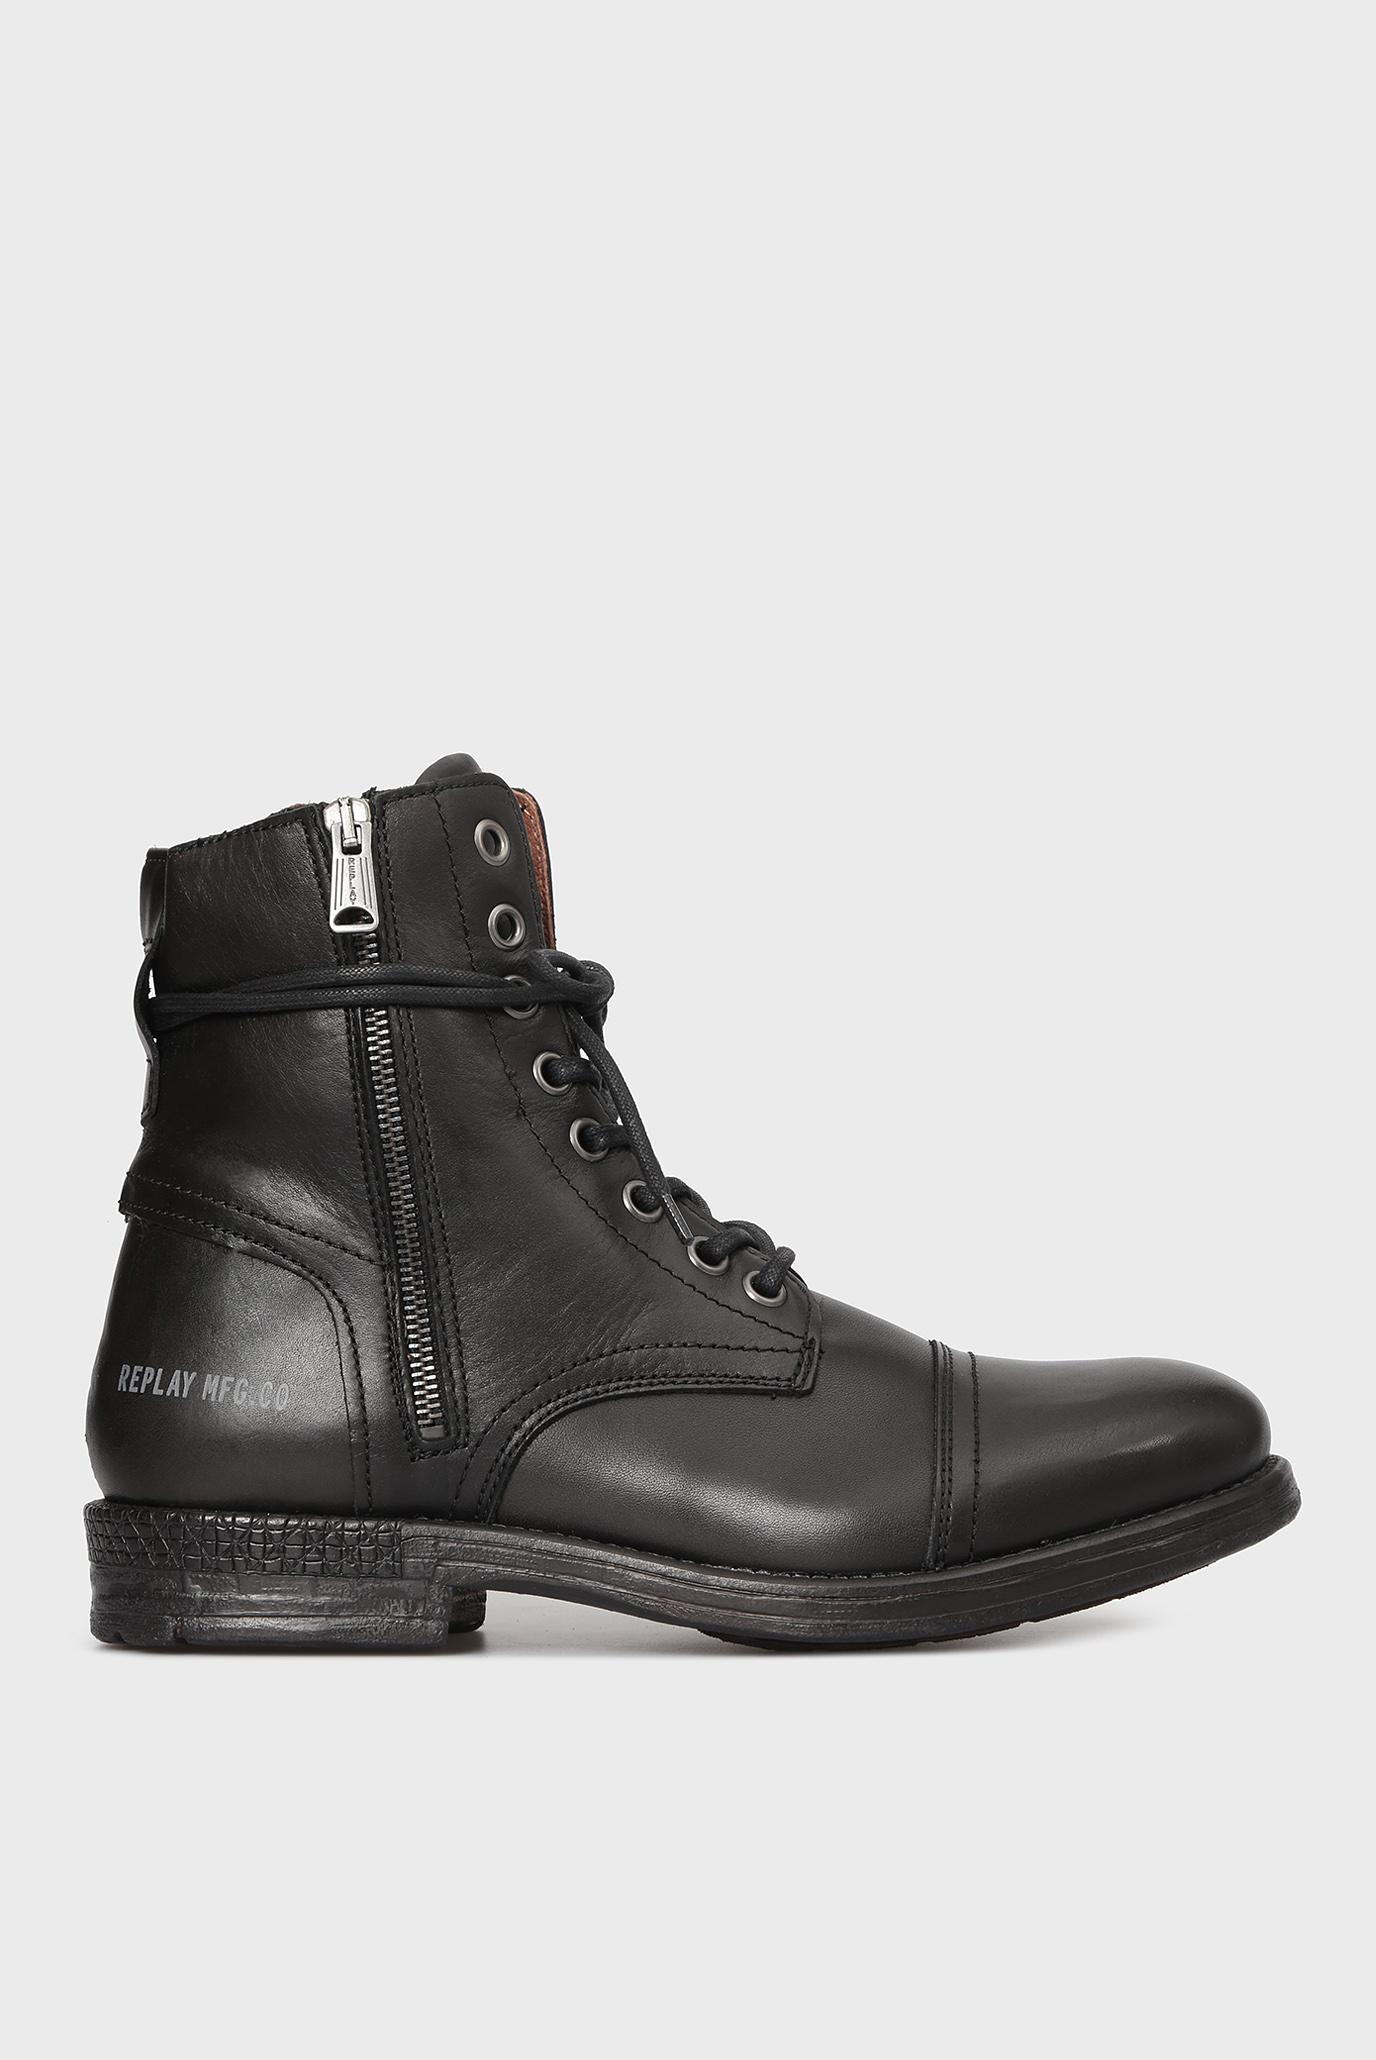 Купить Мужские черные кожаные ботинки Replay Replay RC410017L – Киев, Украина. Цены в интернет магазине MD Fashion